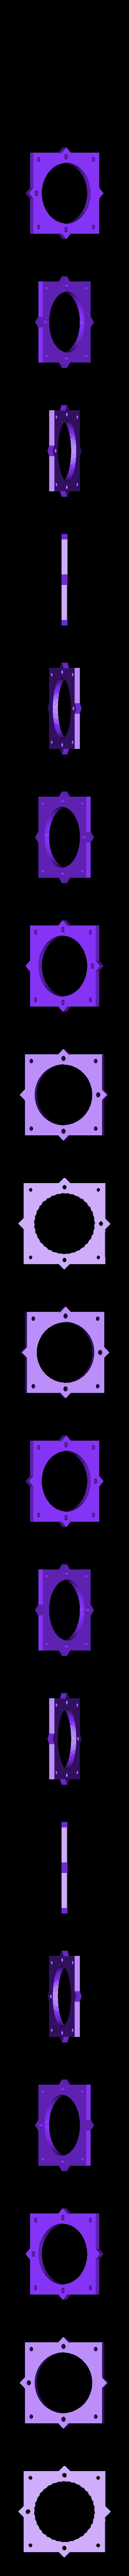 RUMBA_fan_adapter_50_-_40.stl Télécharger fichier STL gratuit Etui à Rumba pour Prusa i3 Hephestos • Modèle pour imprimante 3D, Rusichar